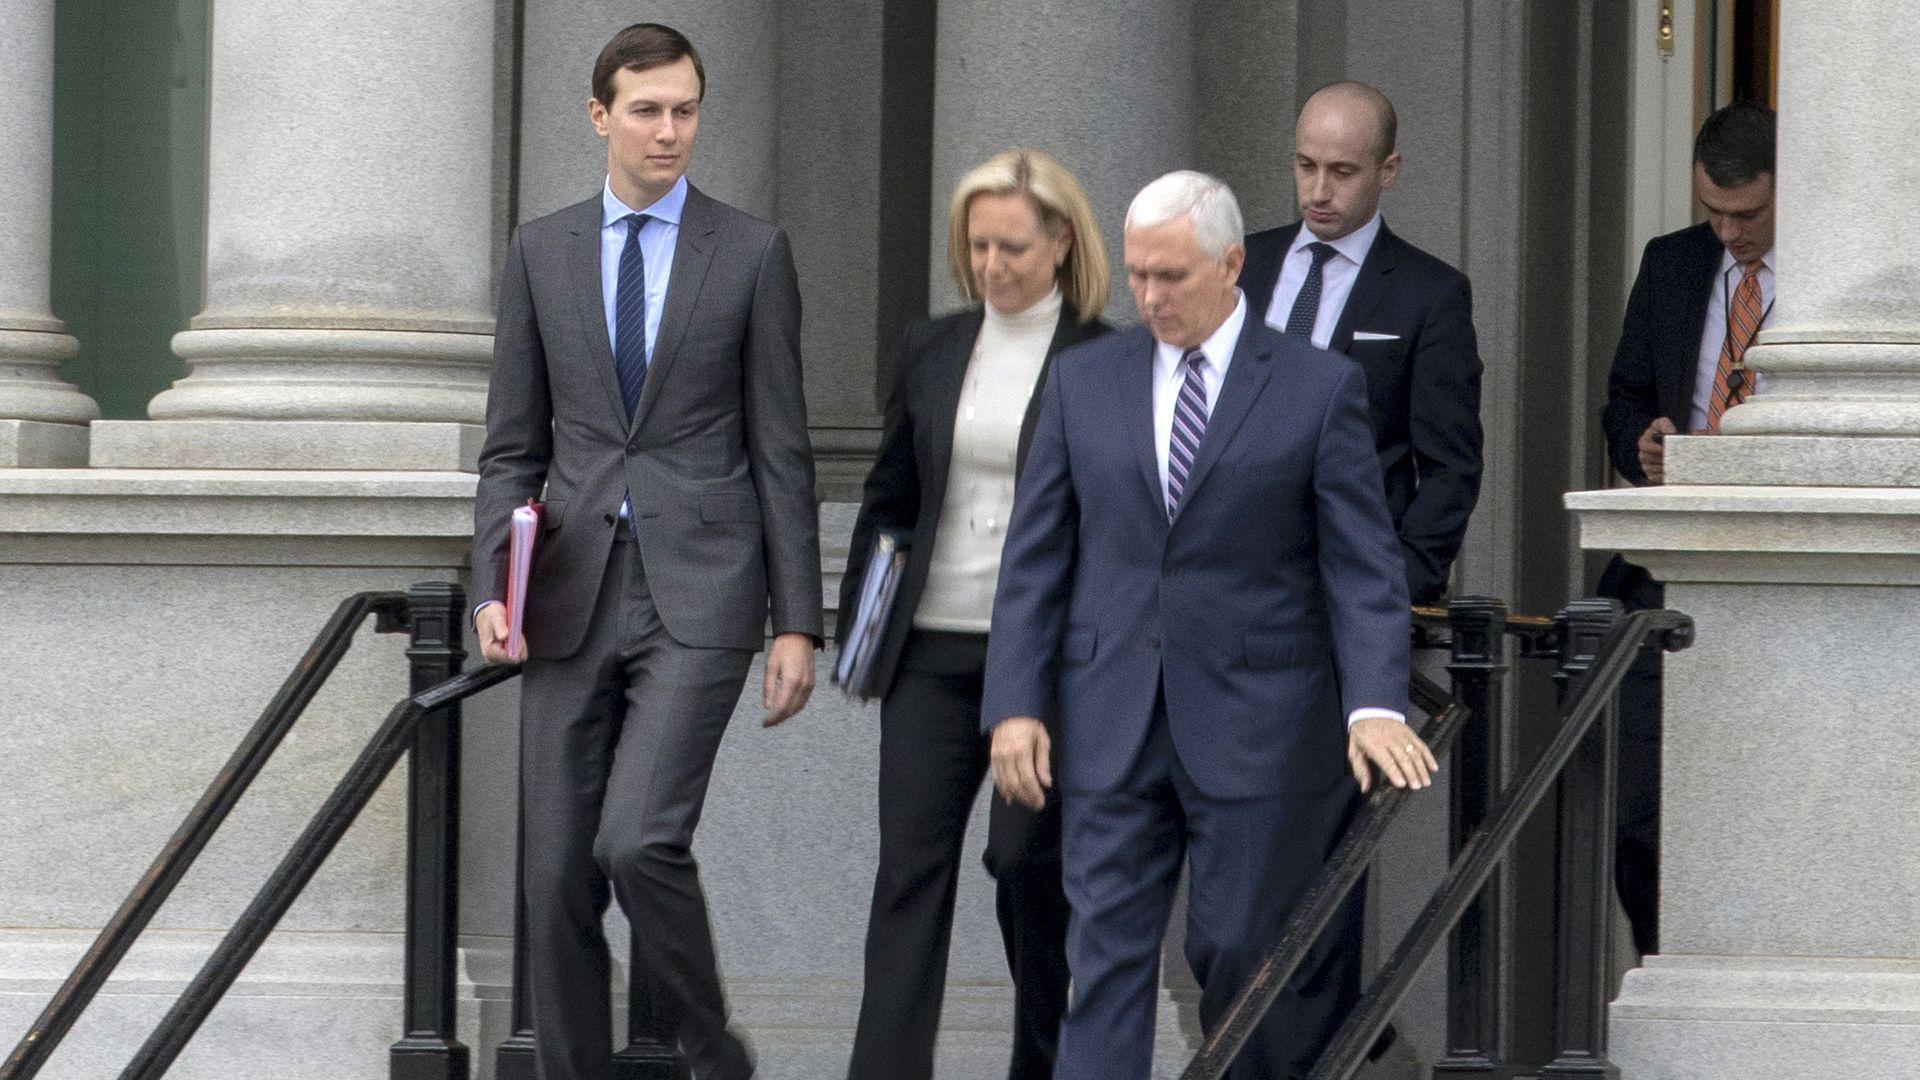 Jared Kushner, Kirstjen Nielsen, Mike Pence, and Stephen Miller exit the Eisenhower Executive Office Building